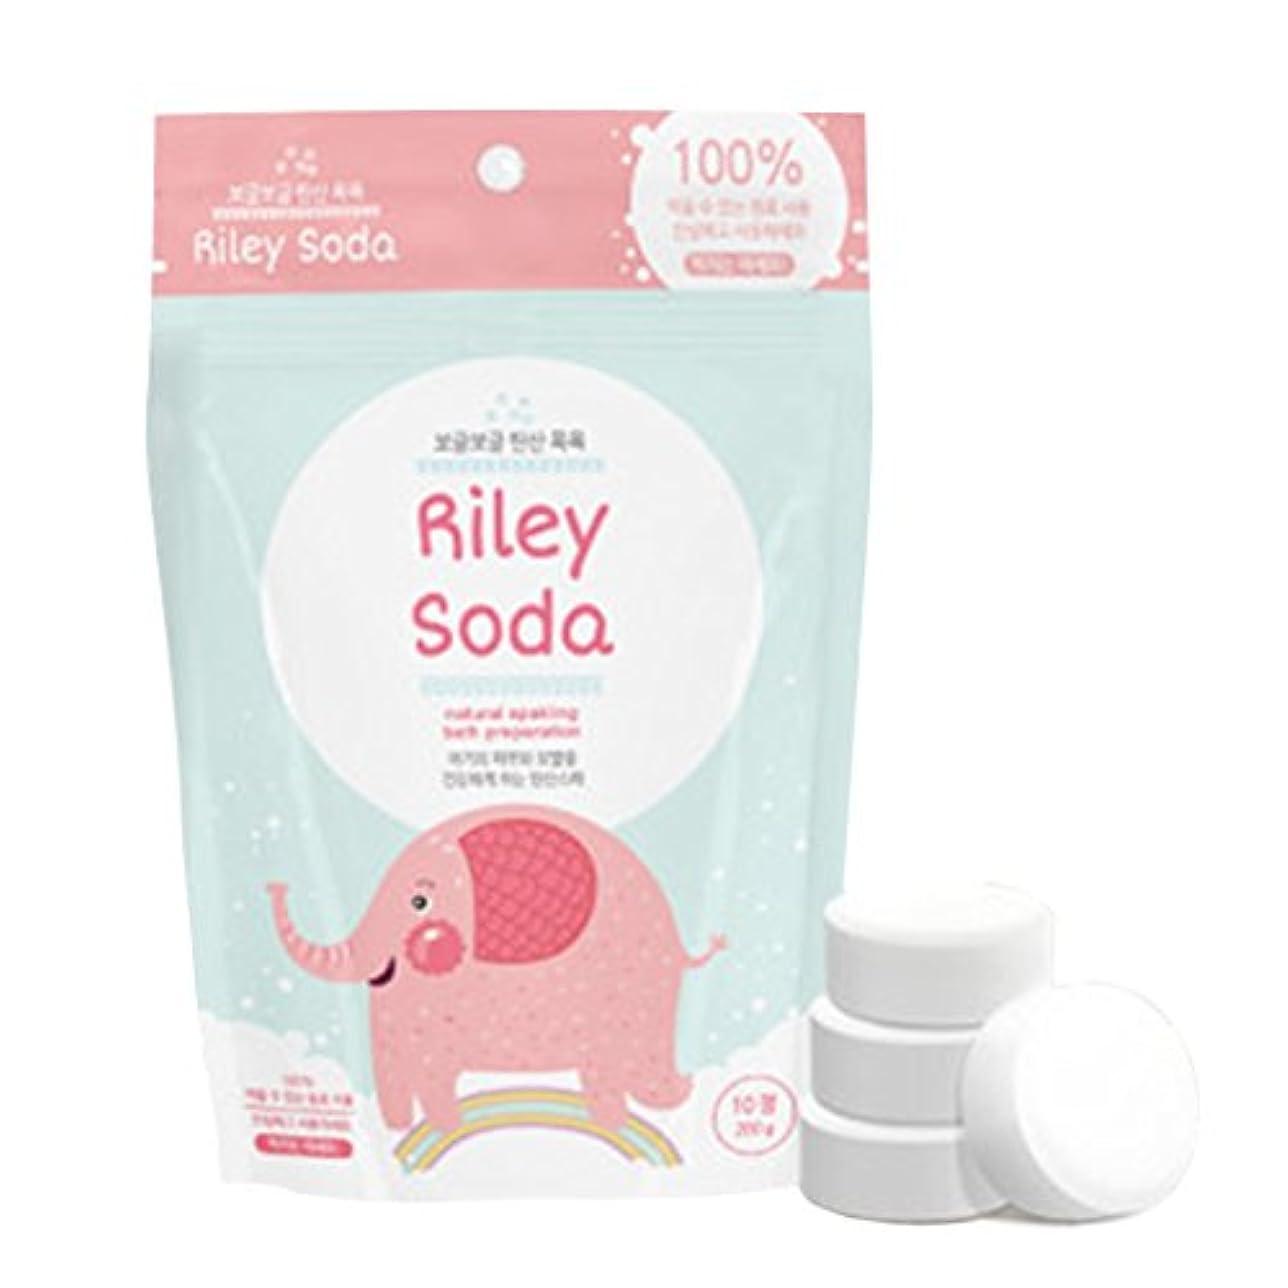 スピン午後プレビュー(リリーソ-ダ) Riley Soda アトピー赤ちゃん用炭酸温泉入浴剤 (10錠) [並行輸入品]